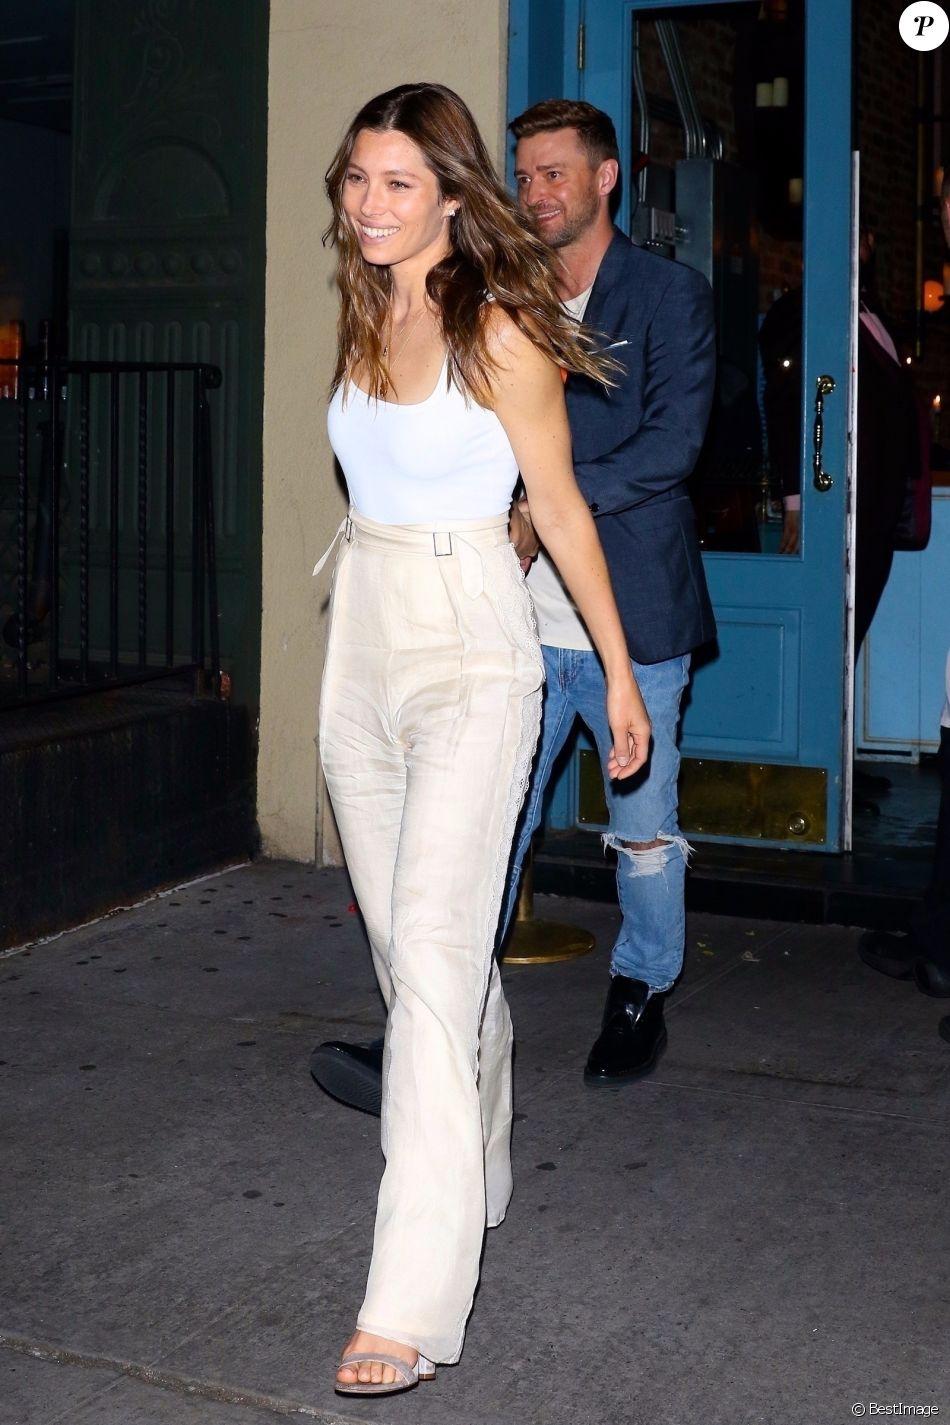 Exclusif - Jessica Biel et son mari Justin Timberlake sont allés diner en amoureux au restaurant Sadelle dans le quartier de Soho à New York, le 12 juin 2019.